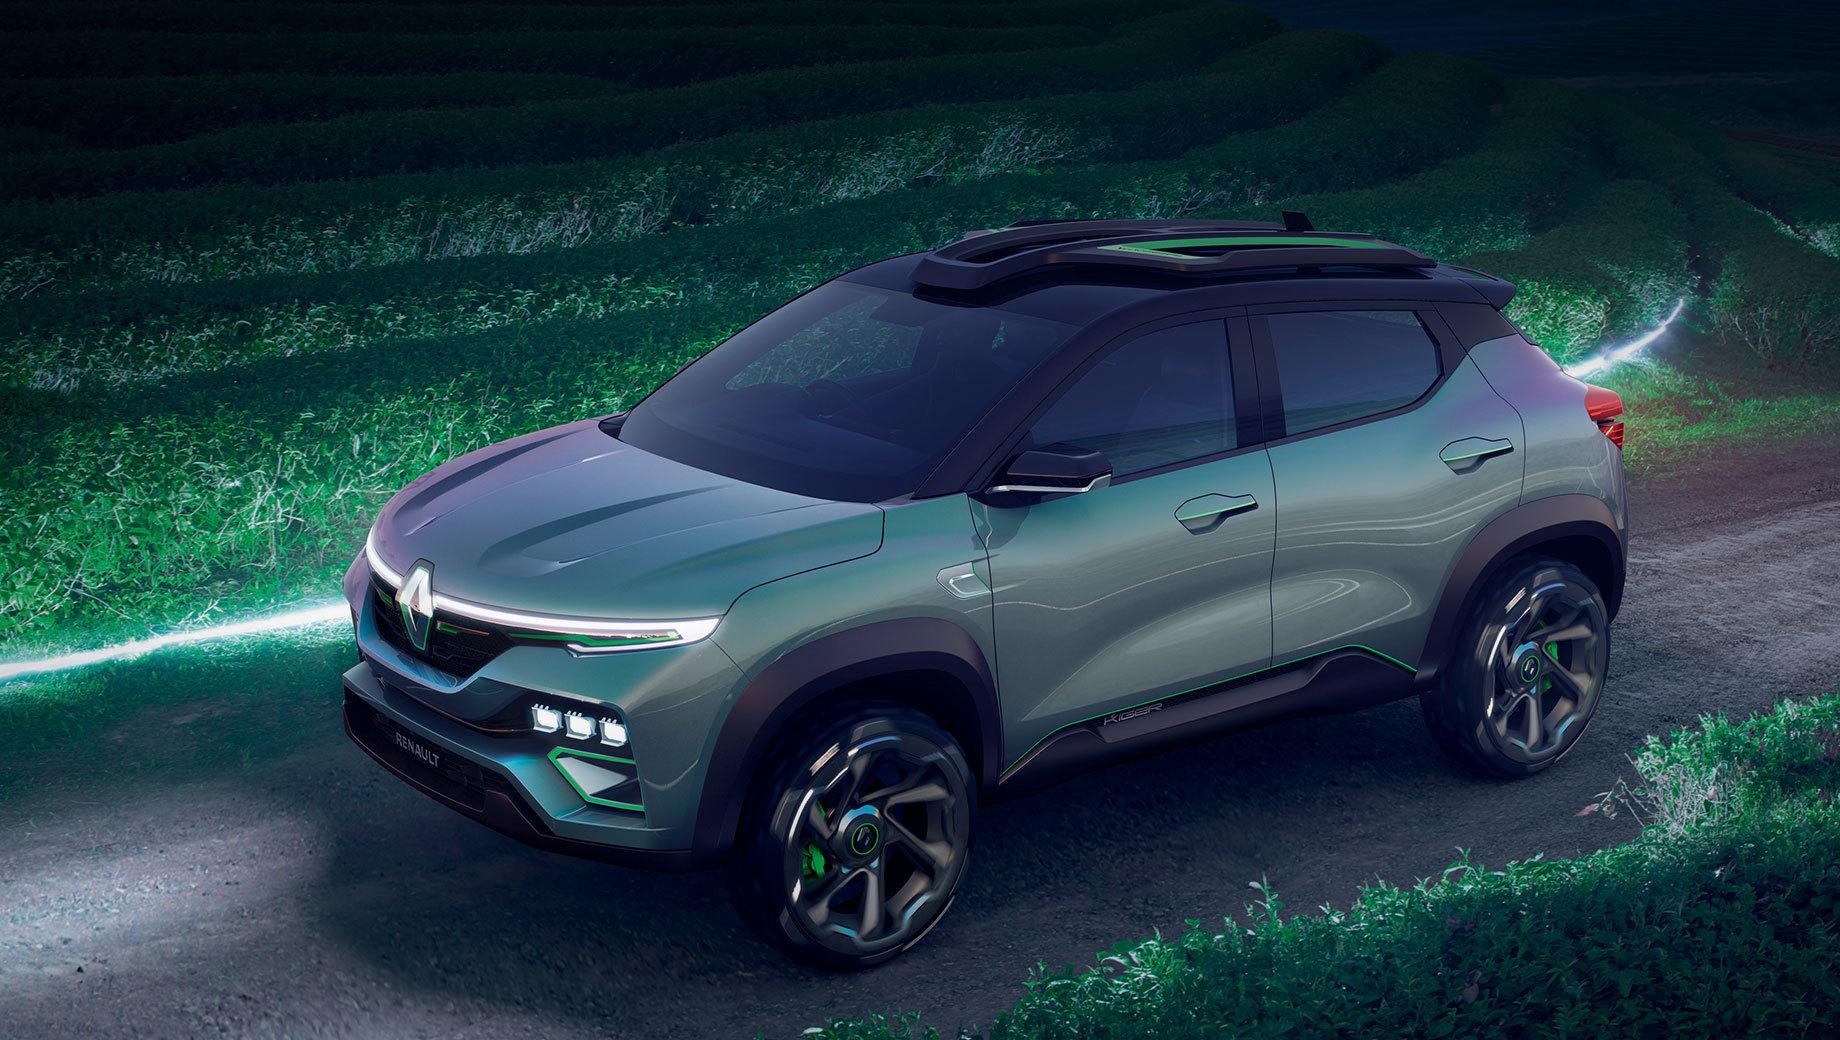 Шоу-кар Renault Kiger анонсировал субкомпакт для Индии